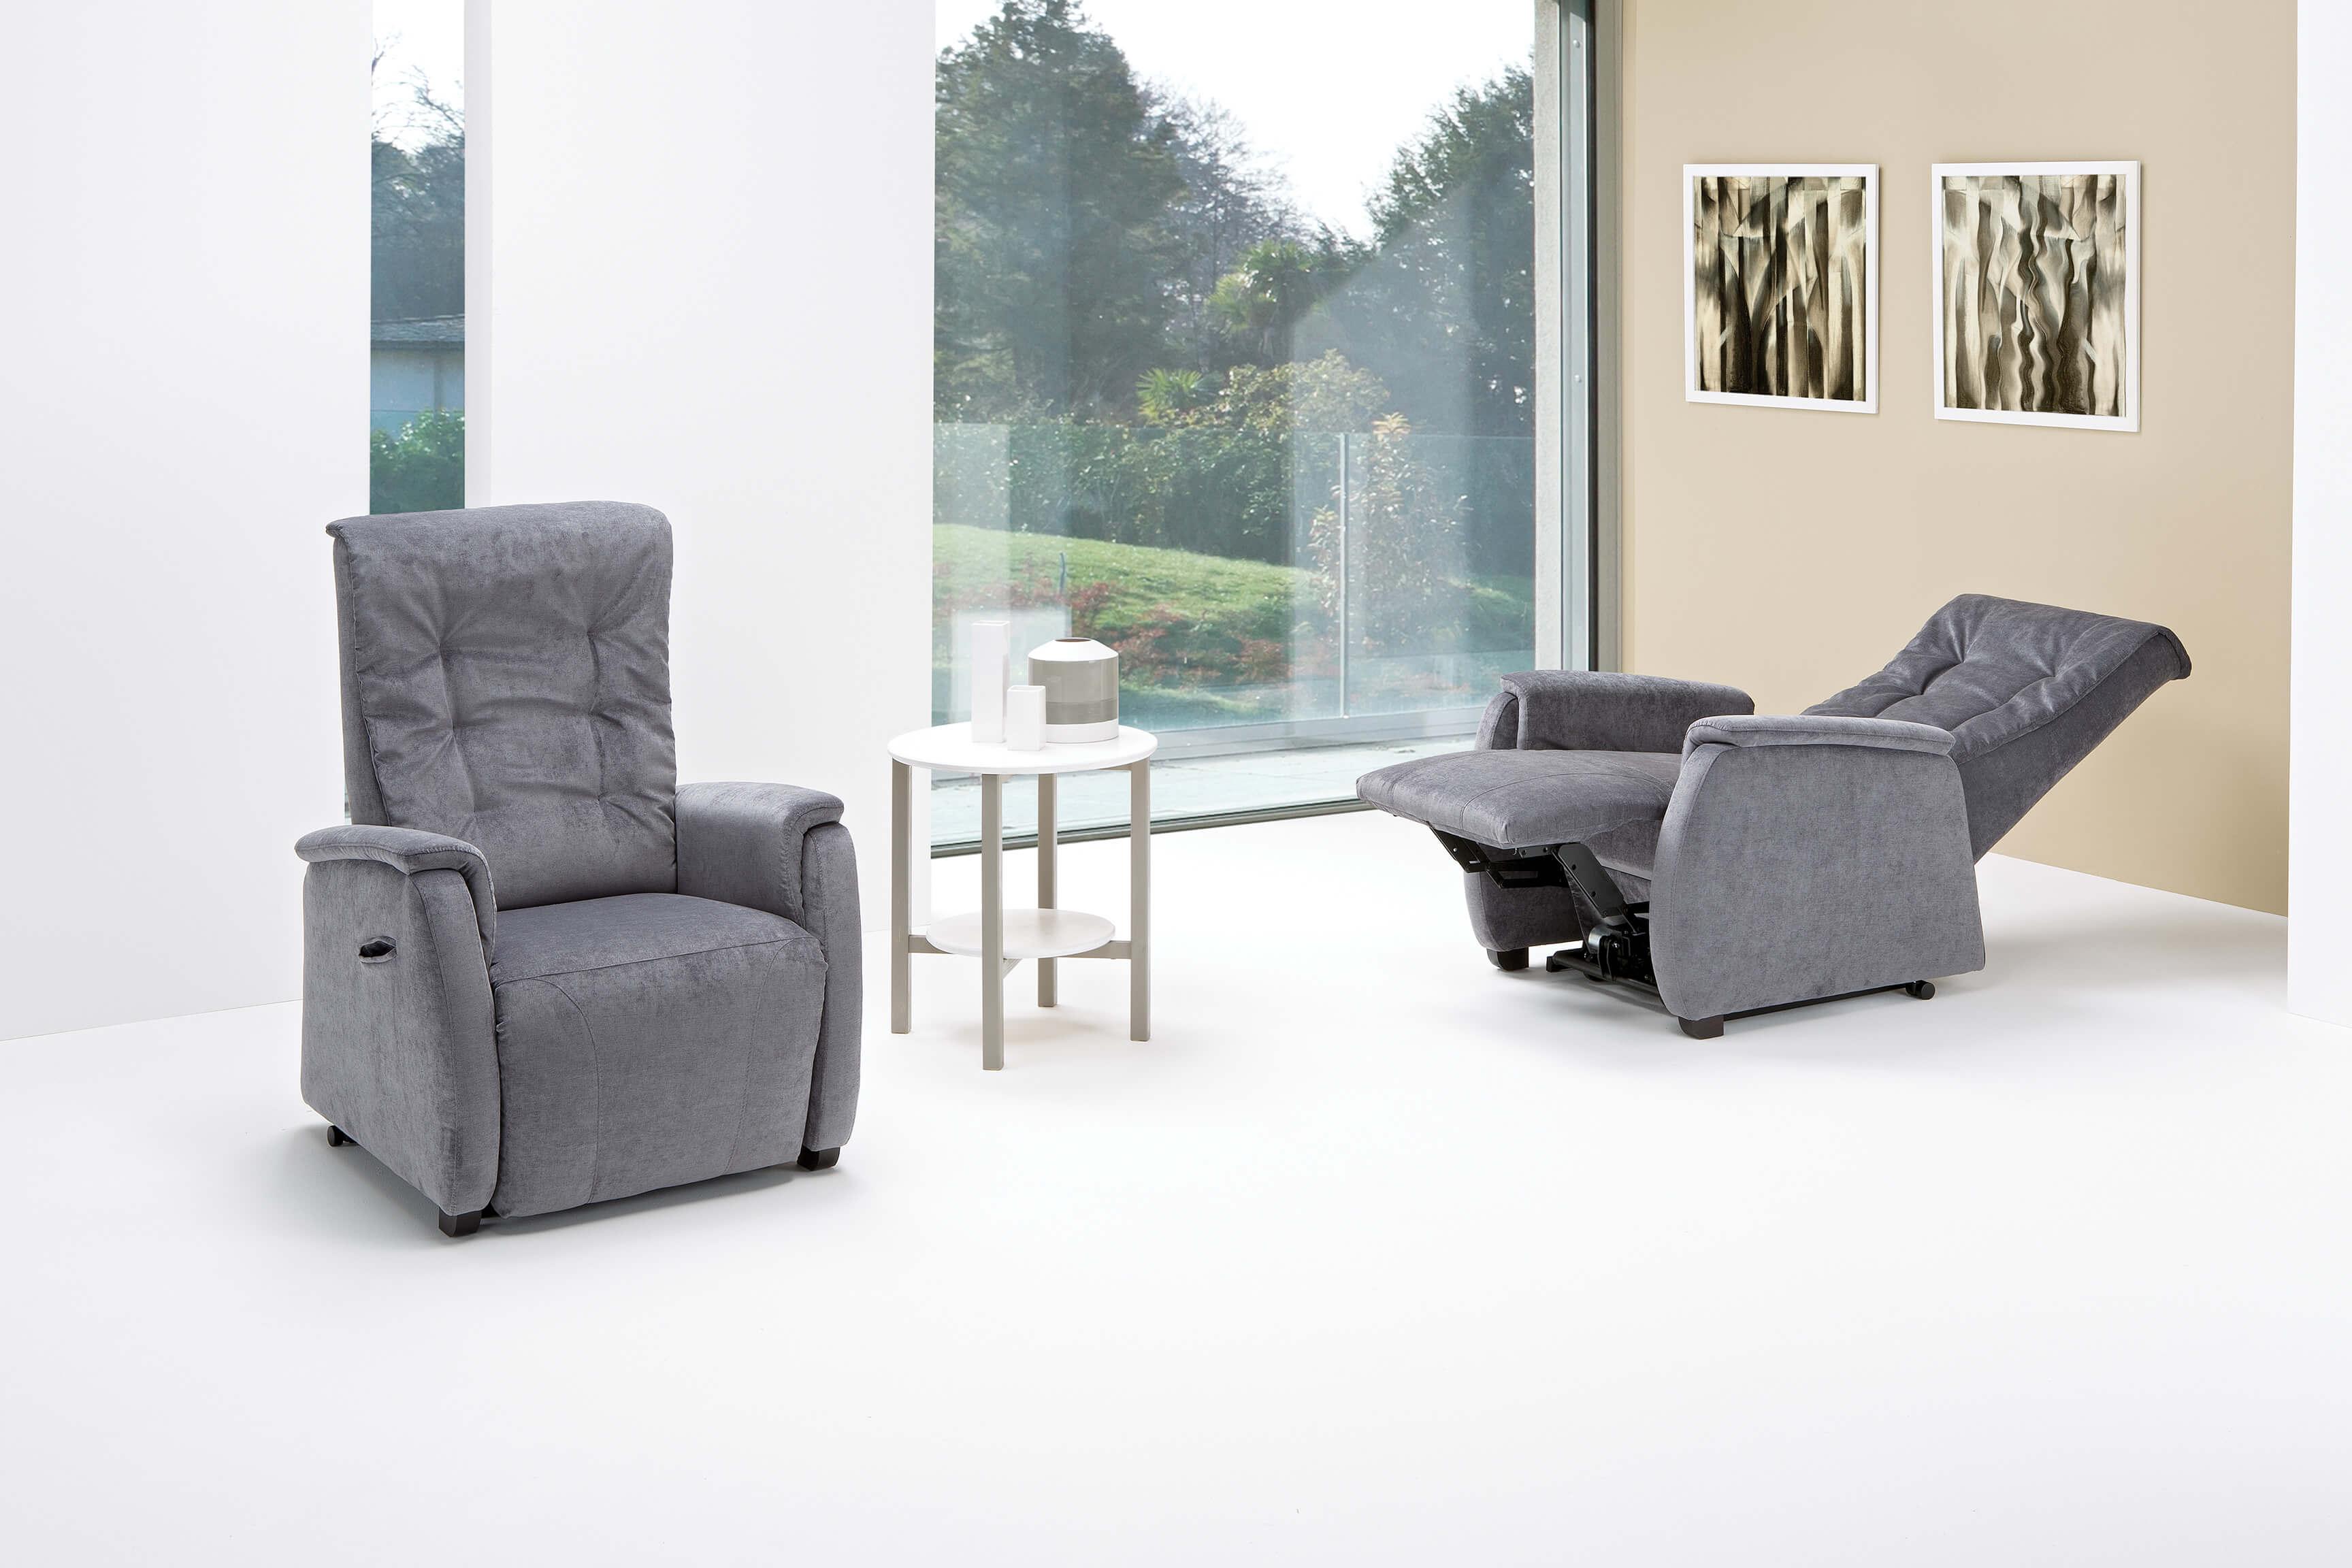 Poltrona relax modello marsiglia poltrone relax for Divani e divani poltrone relax prezzi